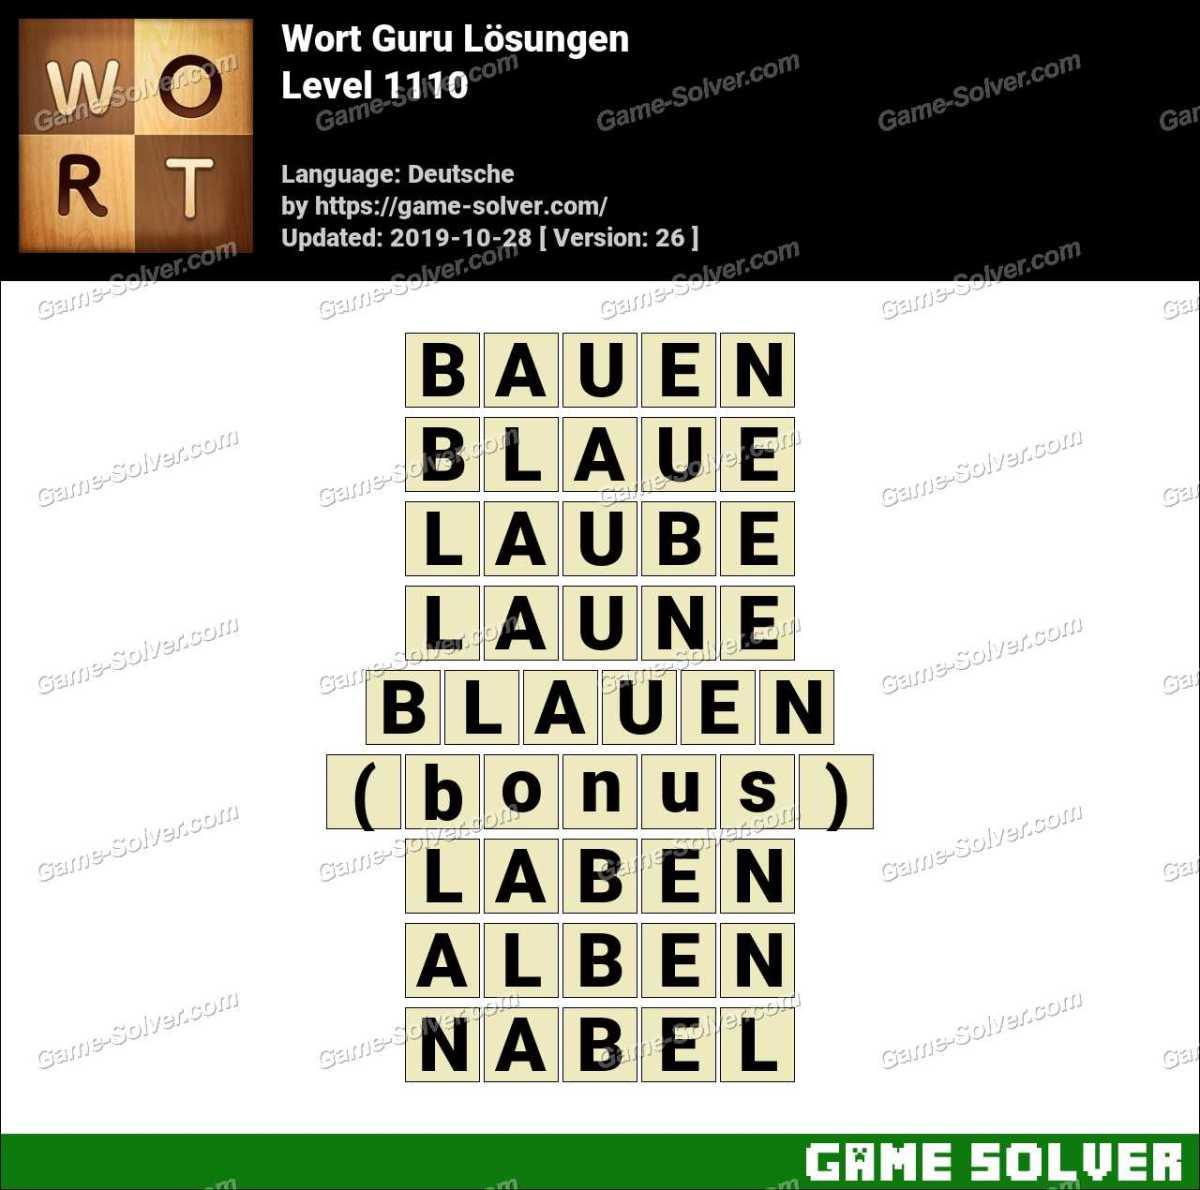 Wort Guru Level 1110 Lösungen